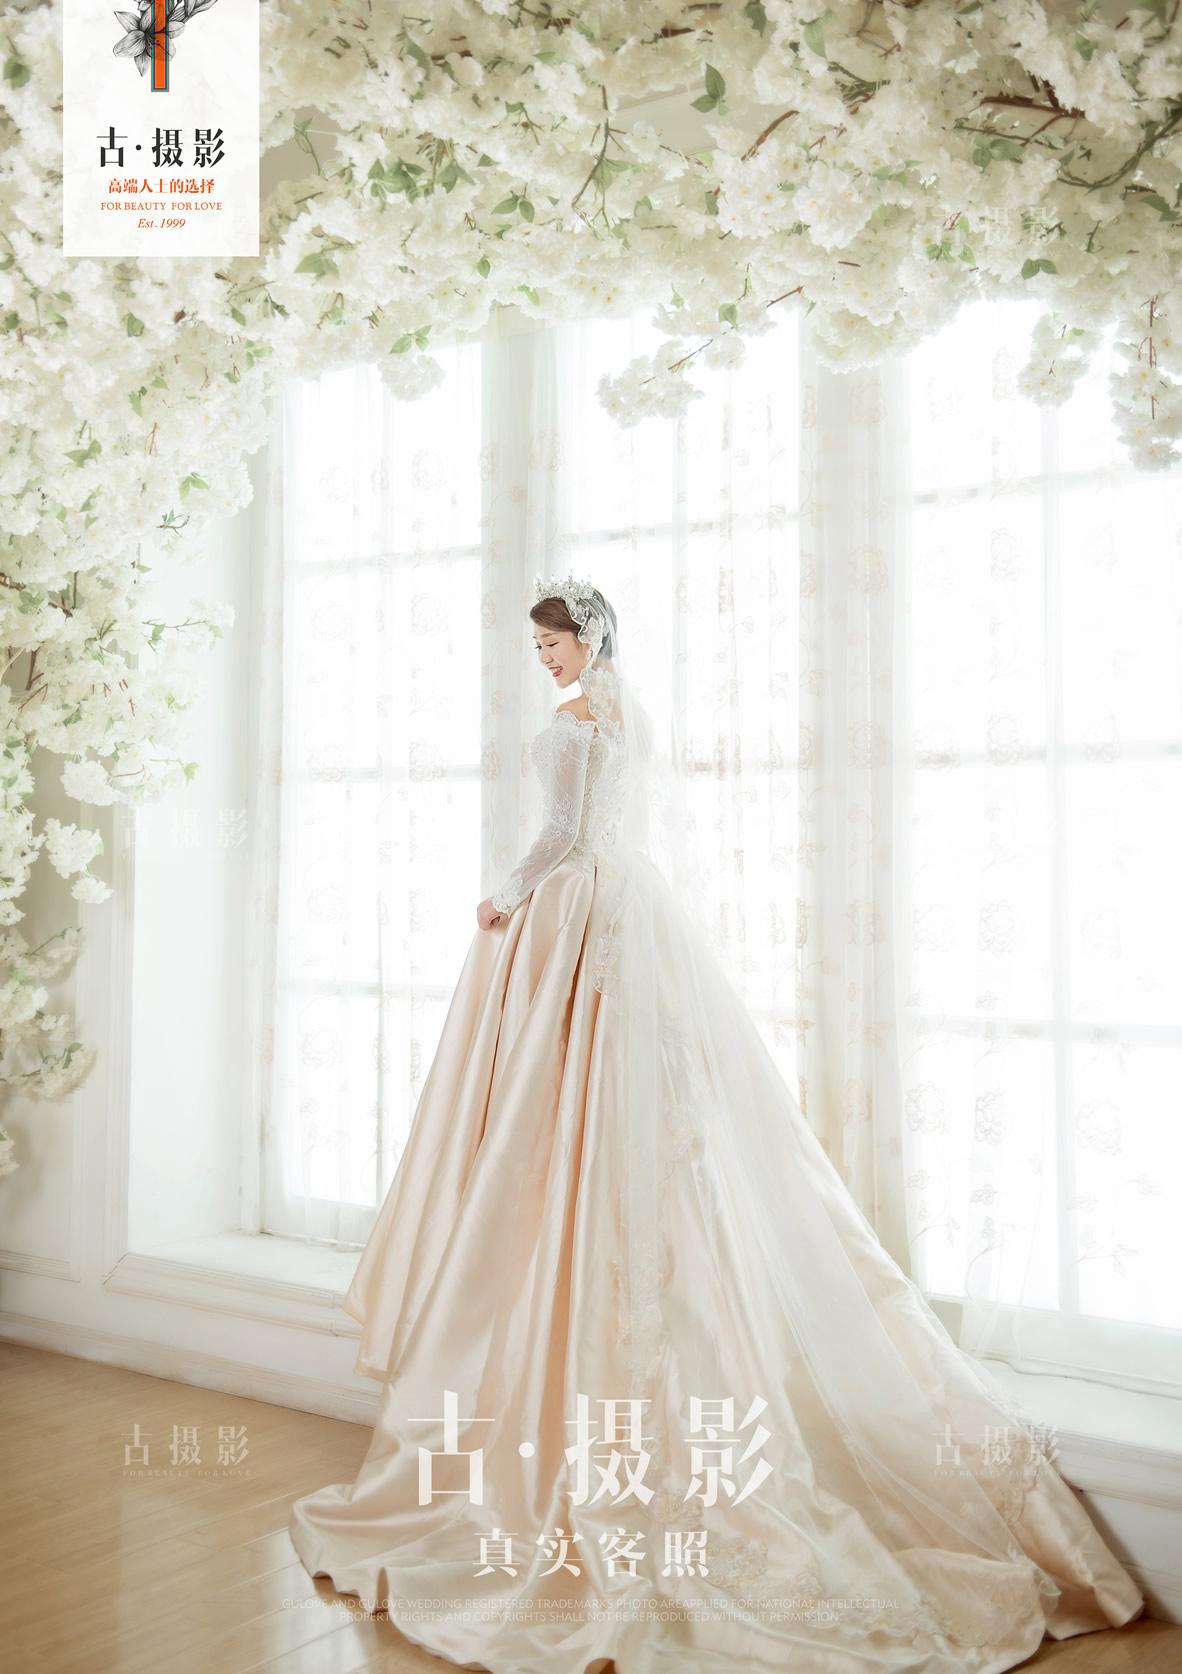 10月2日客片马先生 胡小姐 - 每日客照 - love上海古摄影-上海婚纱摄影网